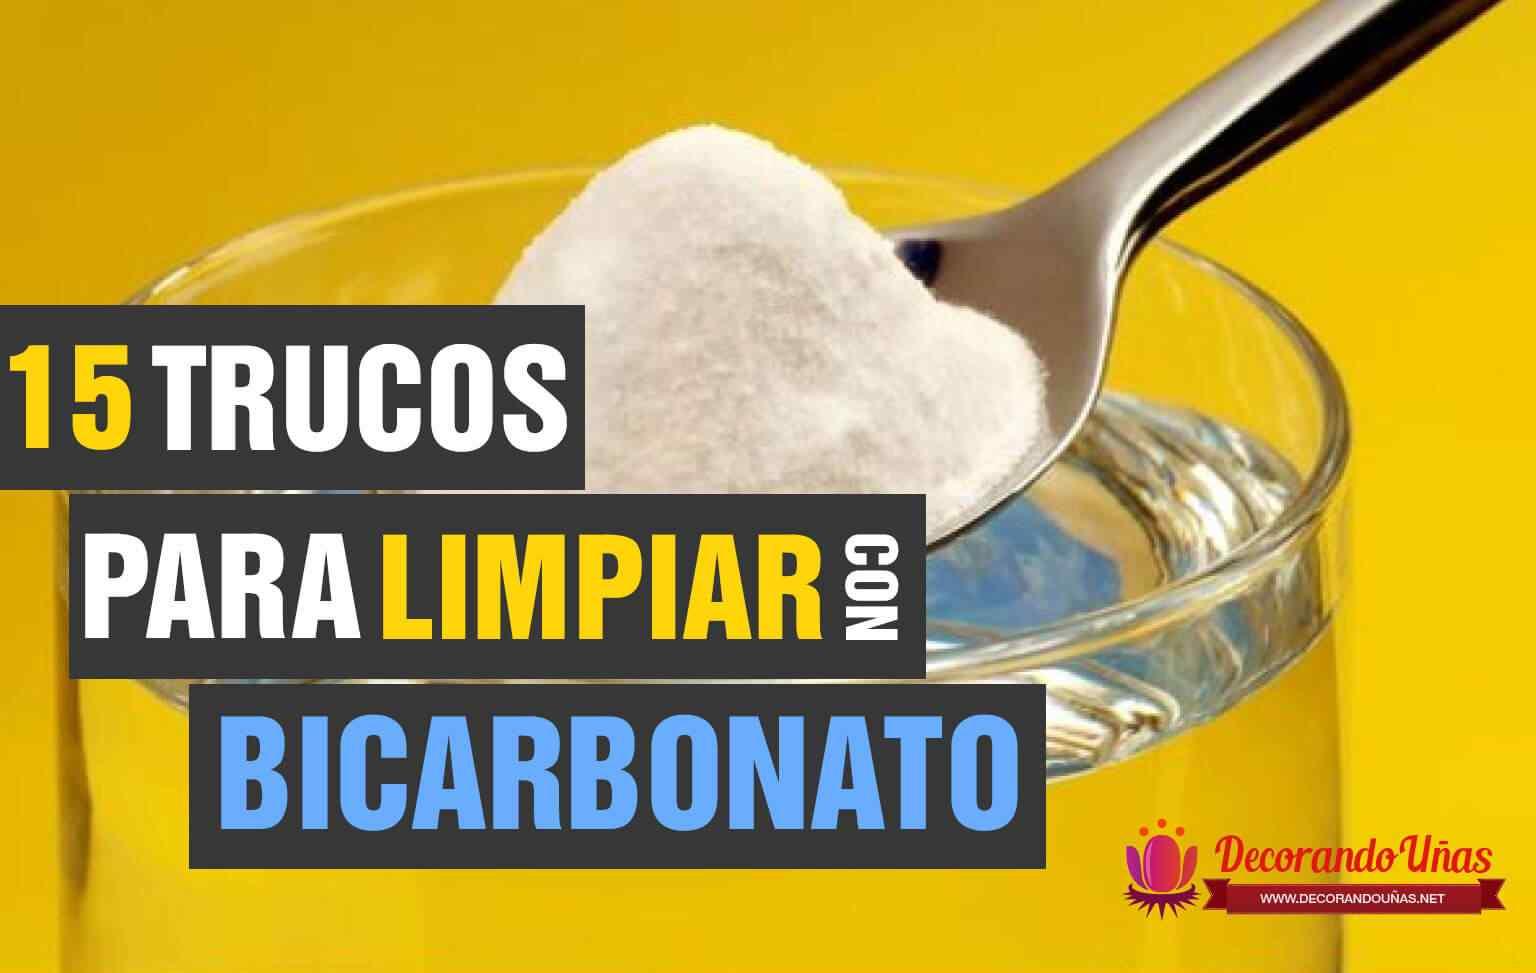 Trucos para limpiar con bicarbonato de Sodio